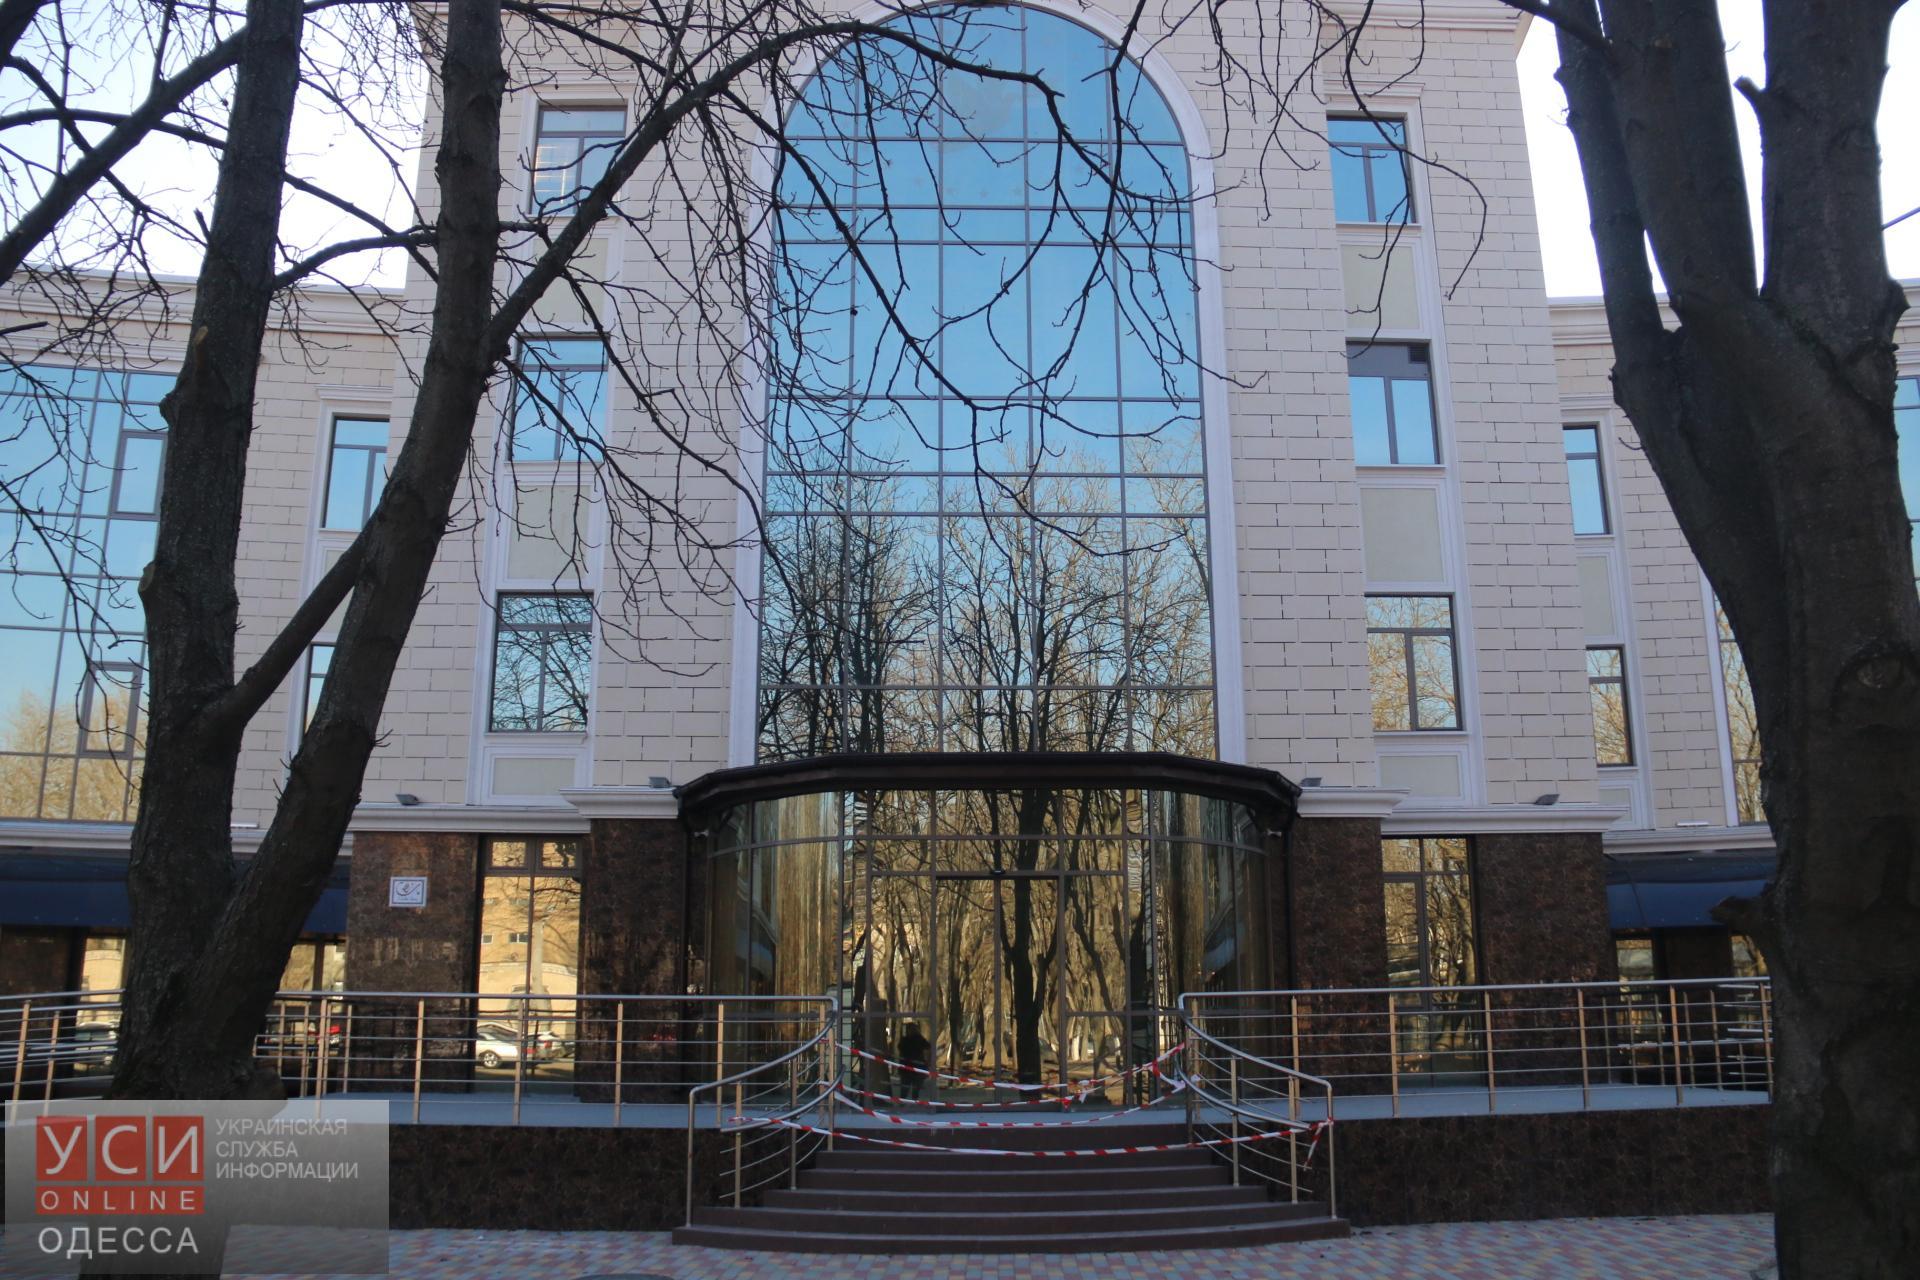 Забота по-мэрски: за пять месяцев Труханов так и не запустил больницу скорой помощи в работу